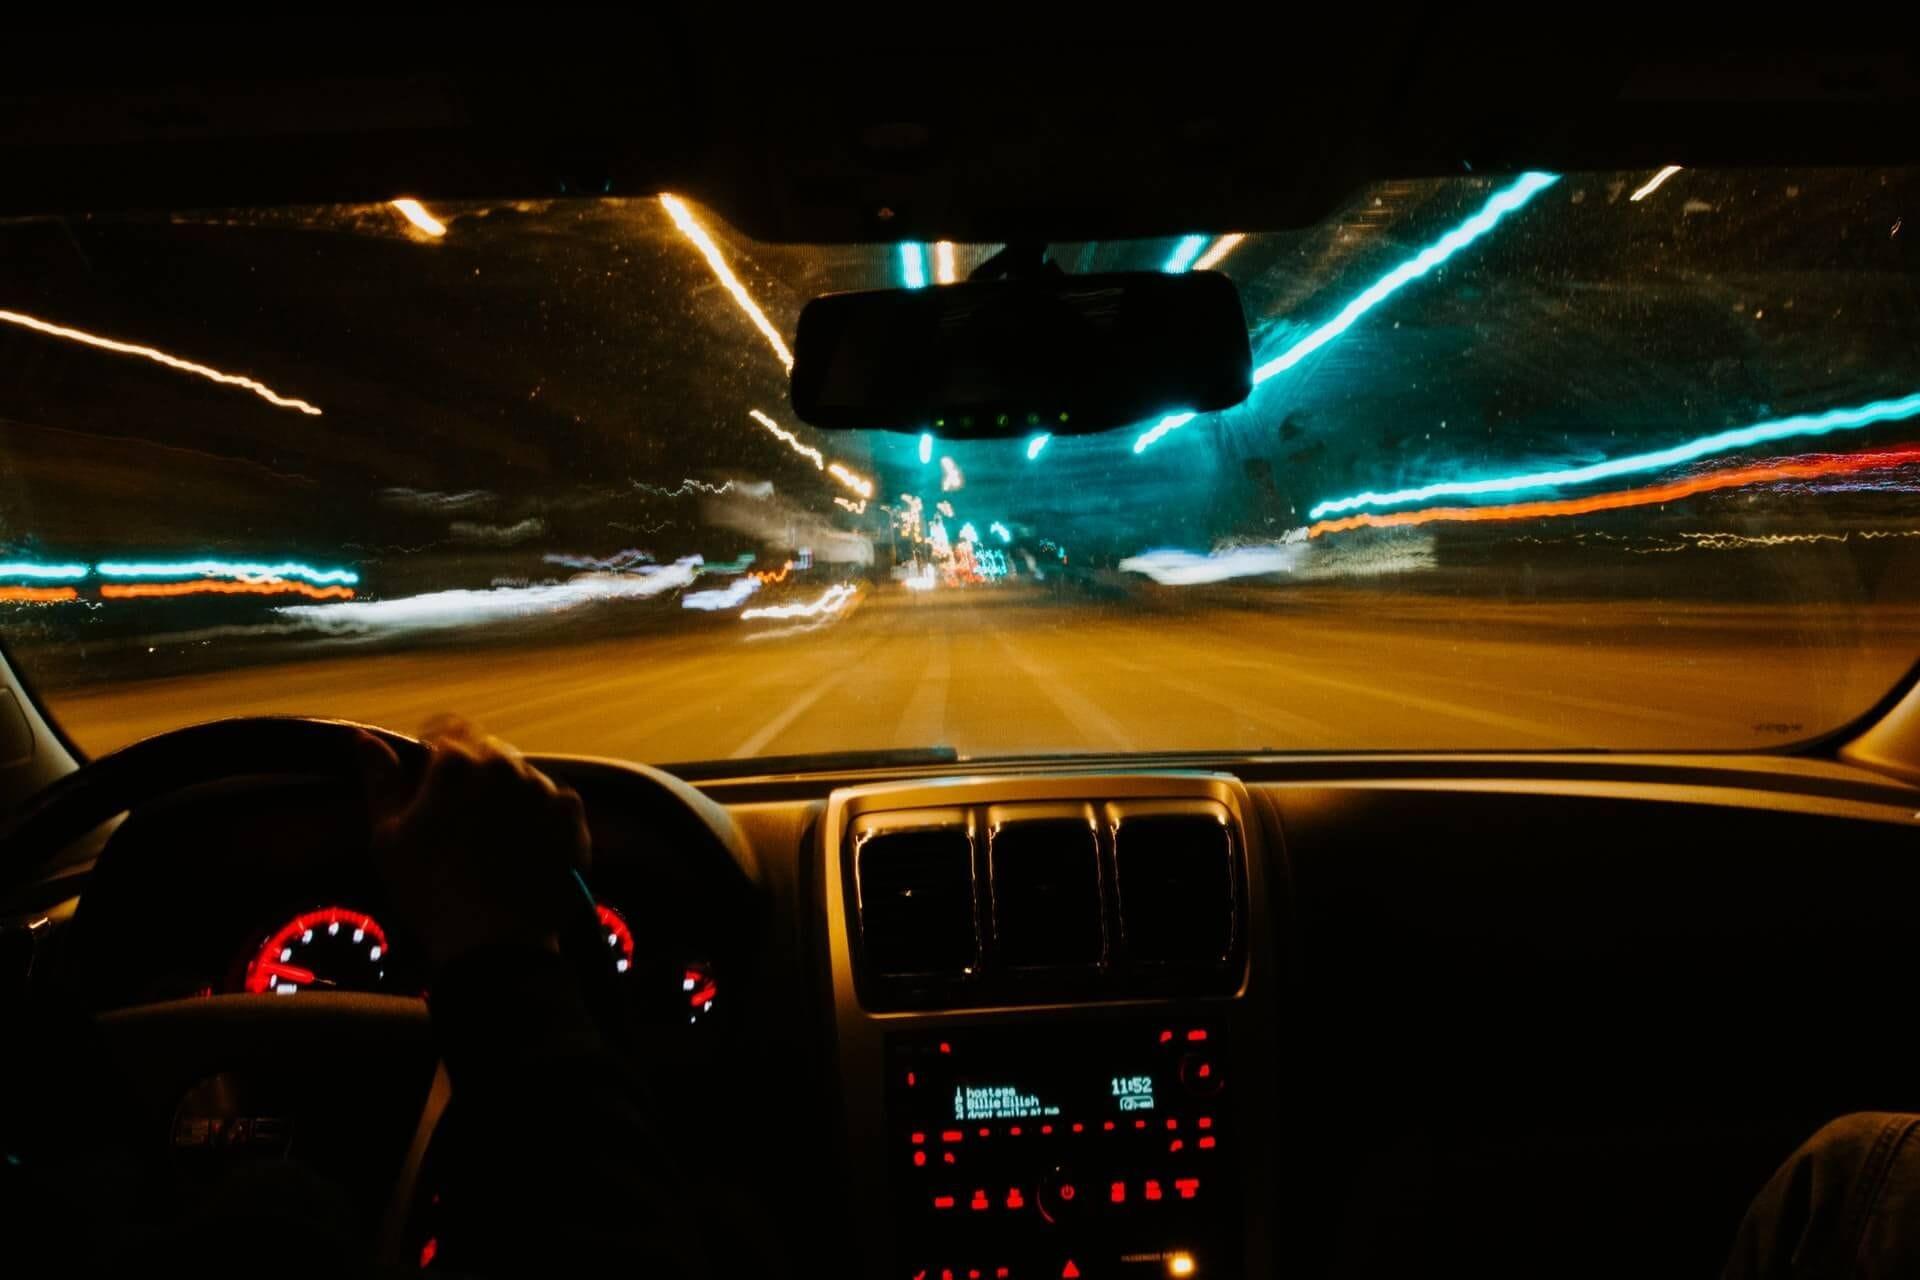 Αυτοκίνητο που κινείται με αυξημένη ταχύτητα